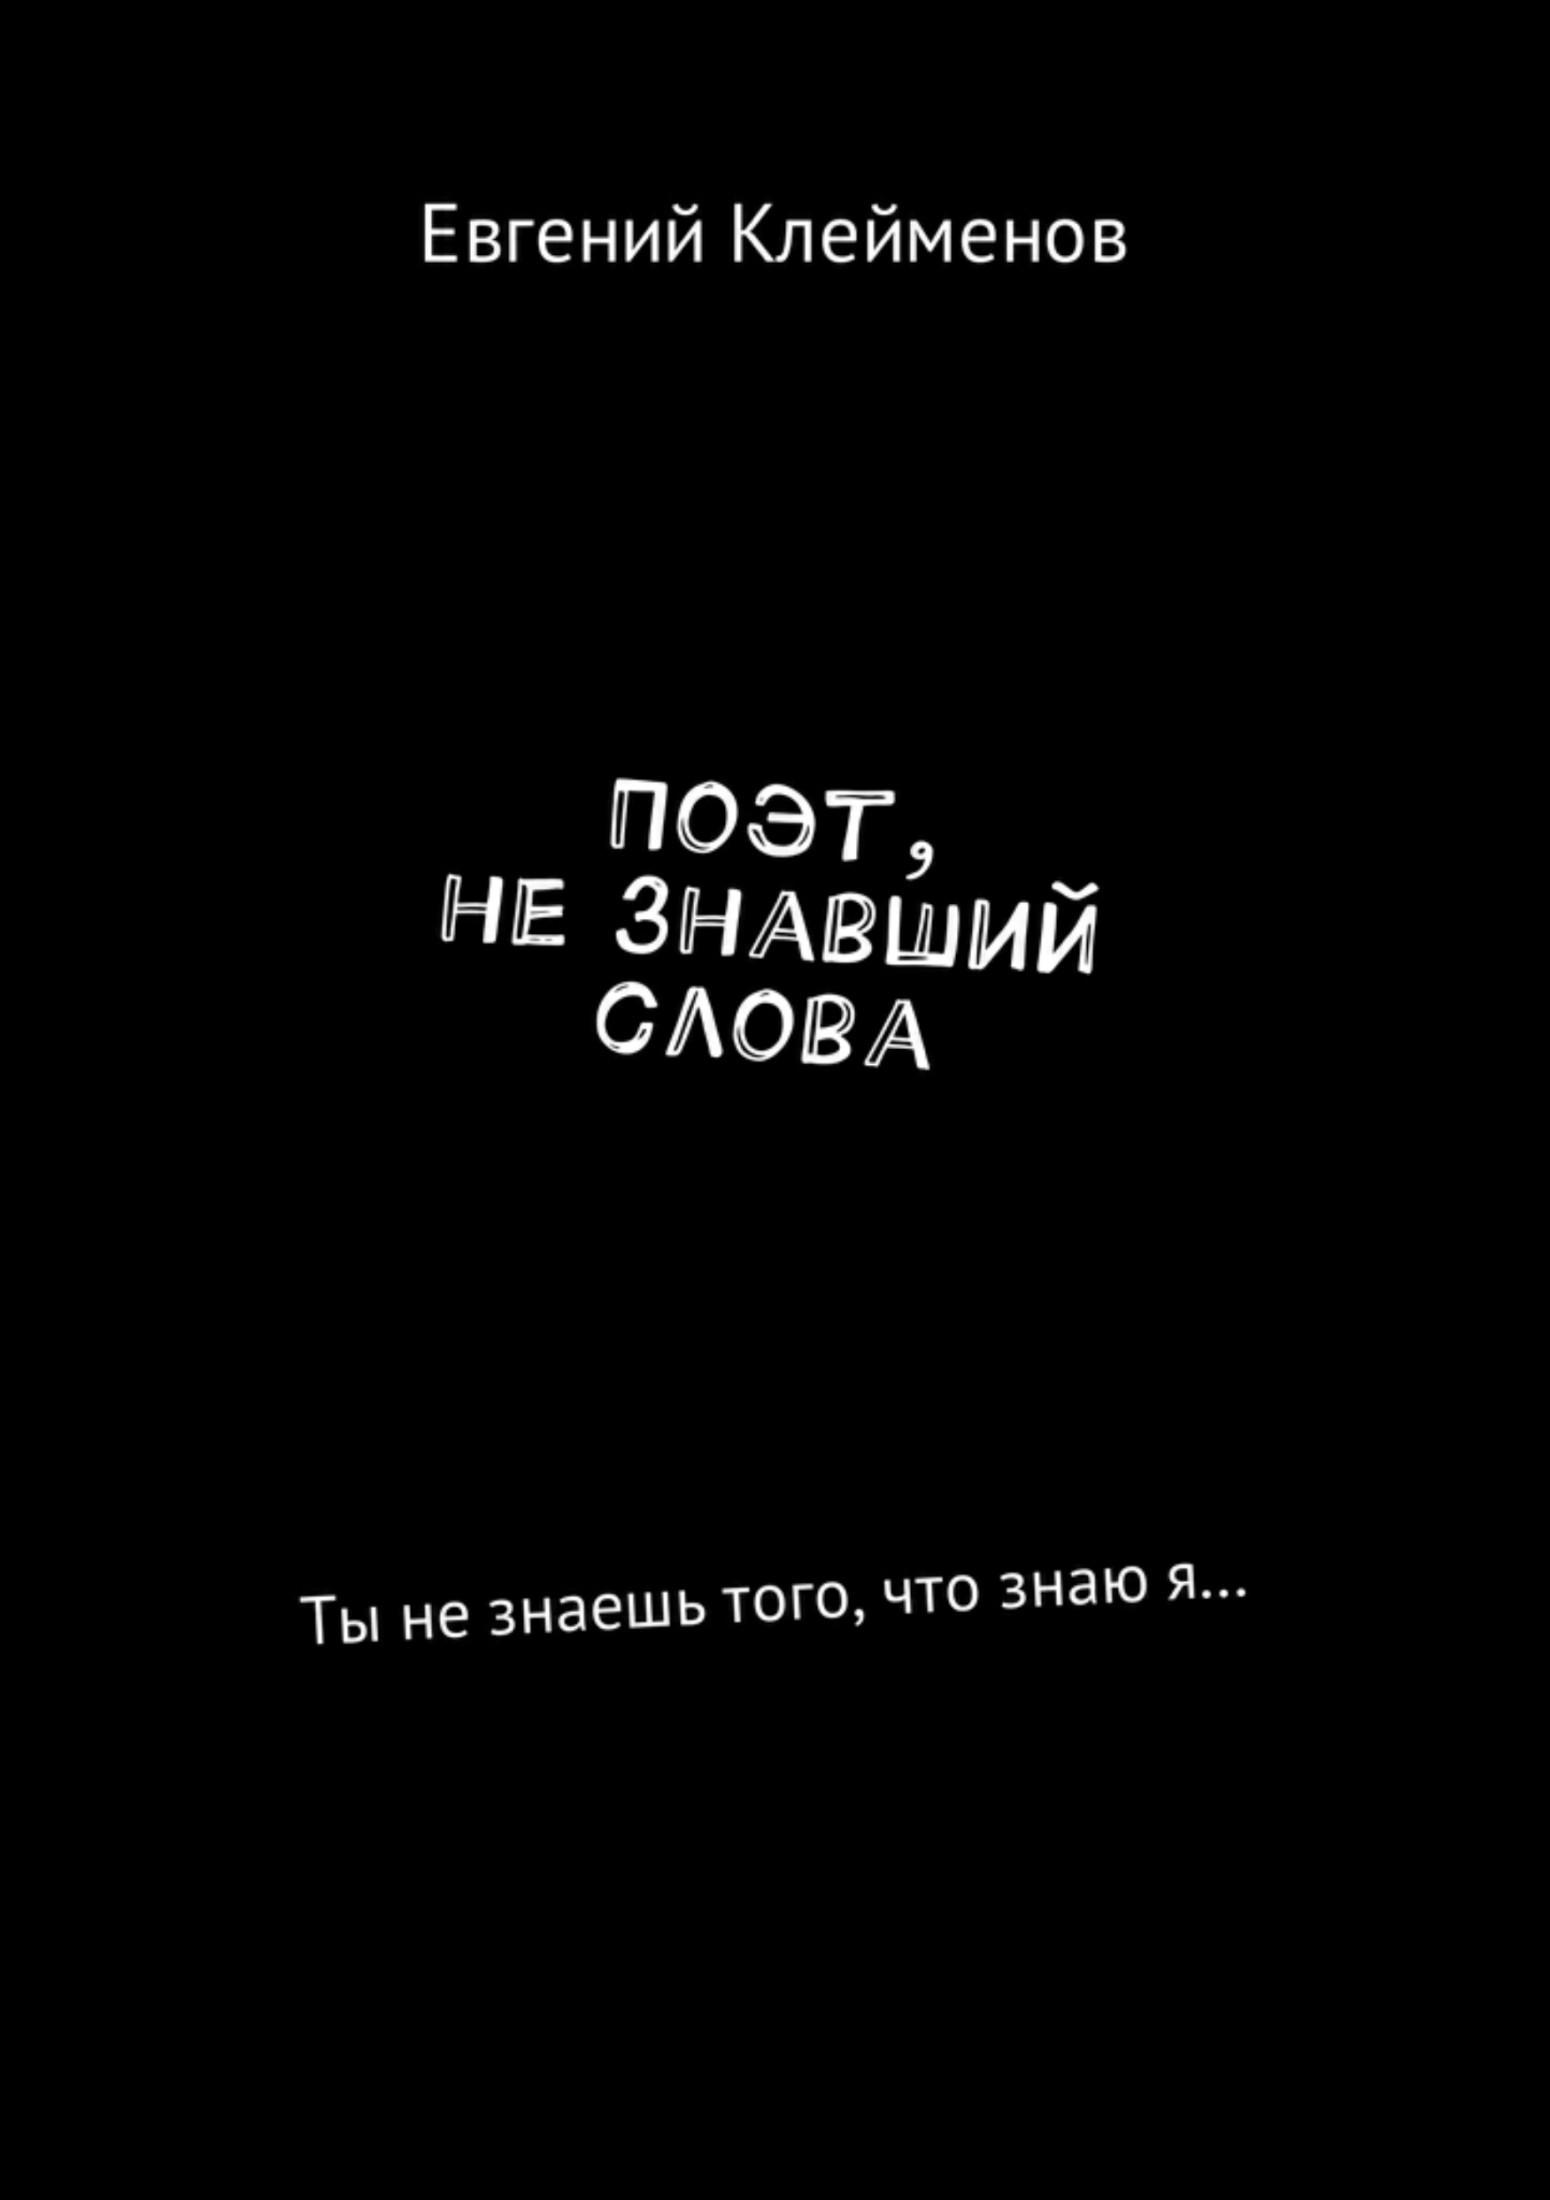 Евгений Юрьевич Клейменов бесплатно